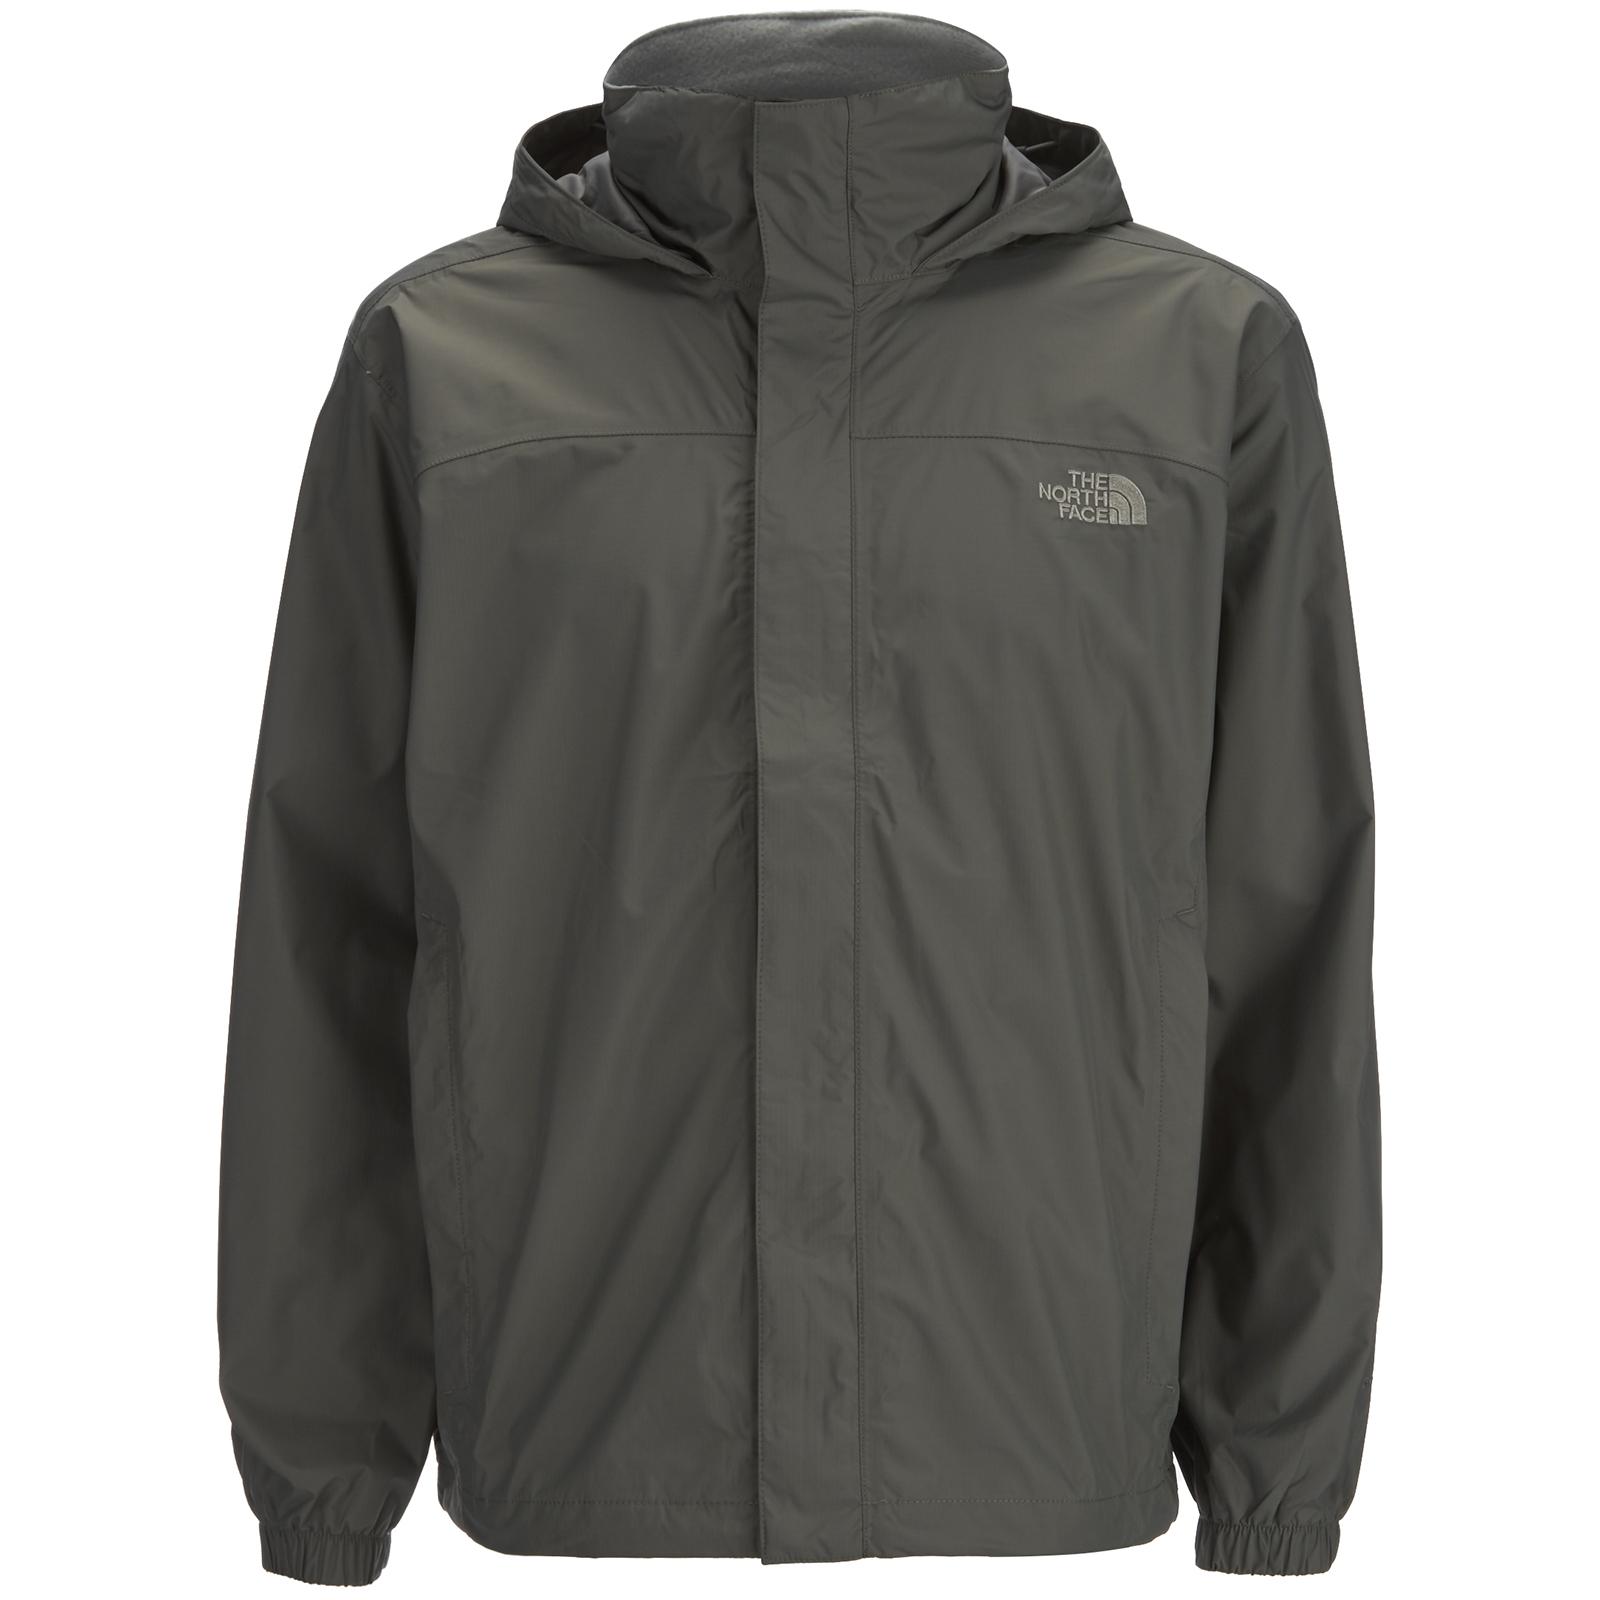 Qualitätsprodukte am besten verkaufen Luxus-Ästhetik The North Face Resolve Thermojacke für Herren - Grau